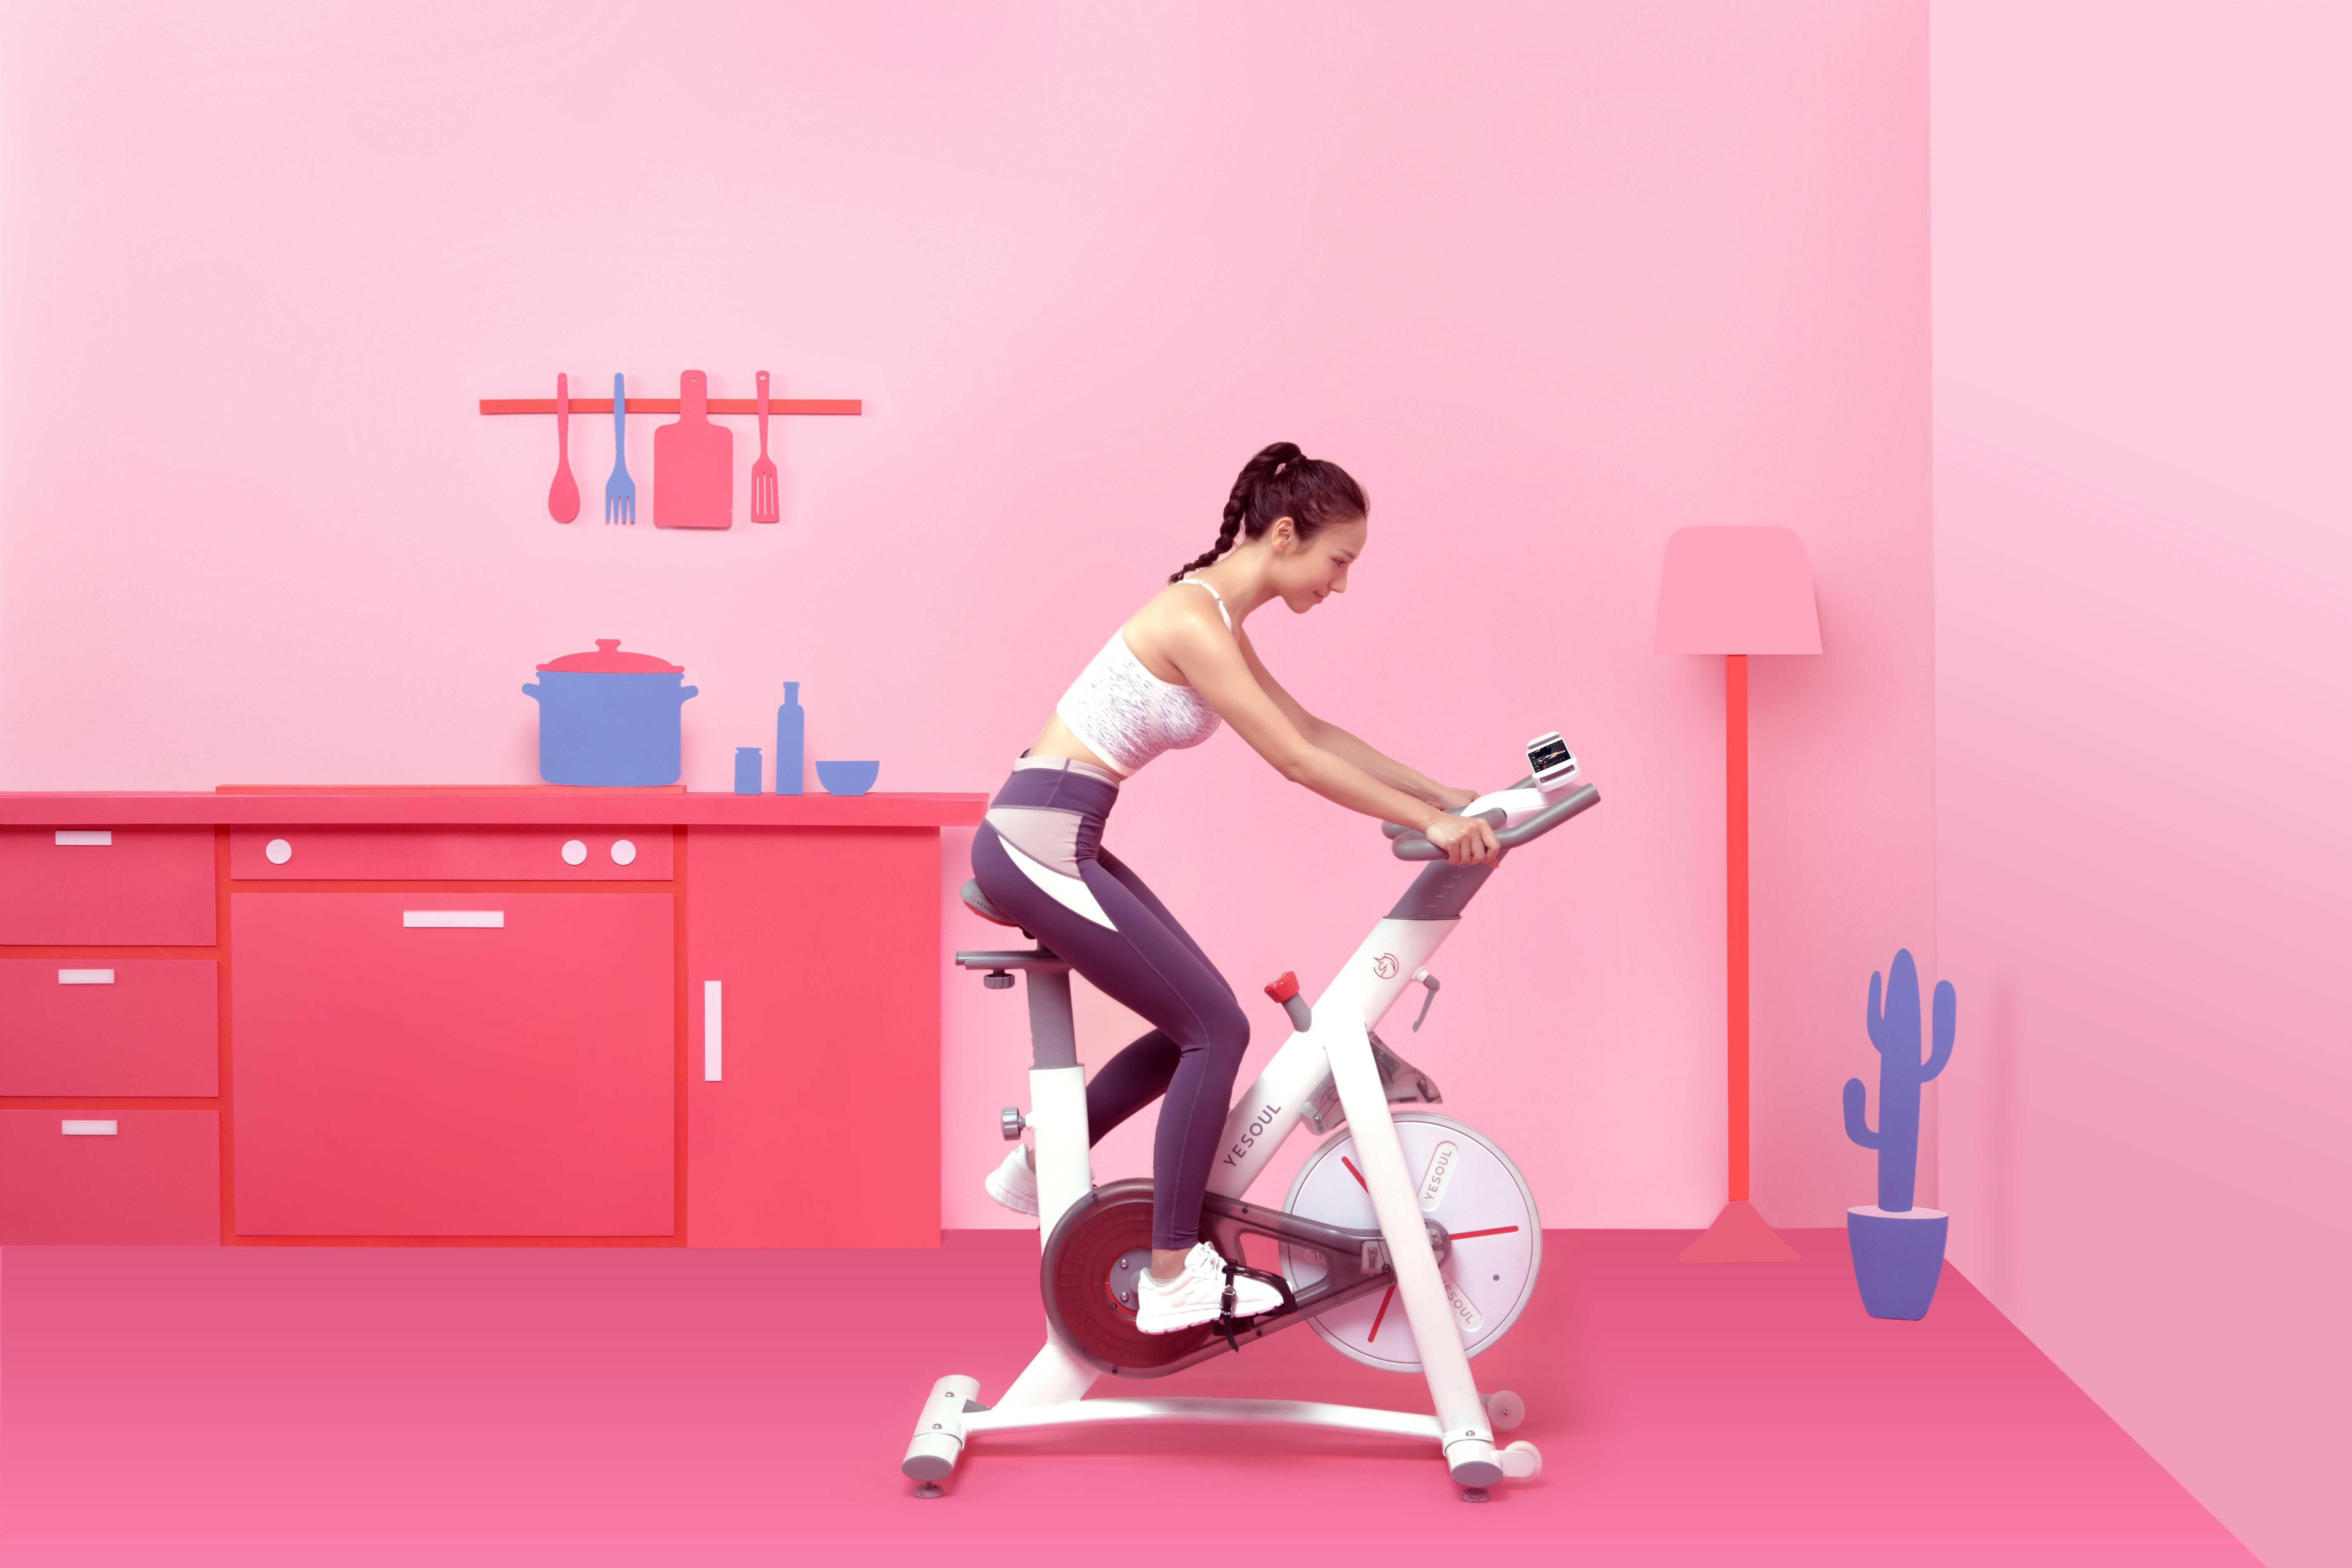 跑步机N1-跑步机产品yabo亚搏体育官网4-青岛勤为径